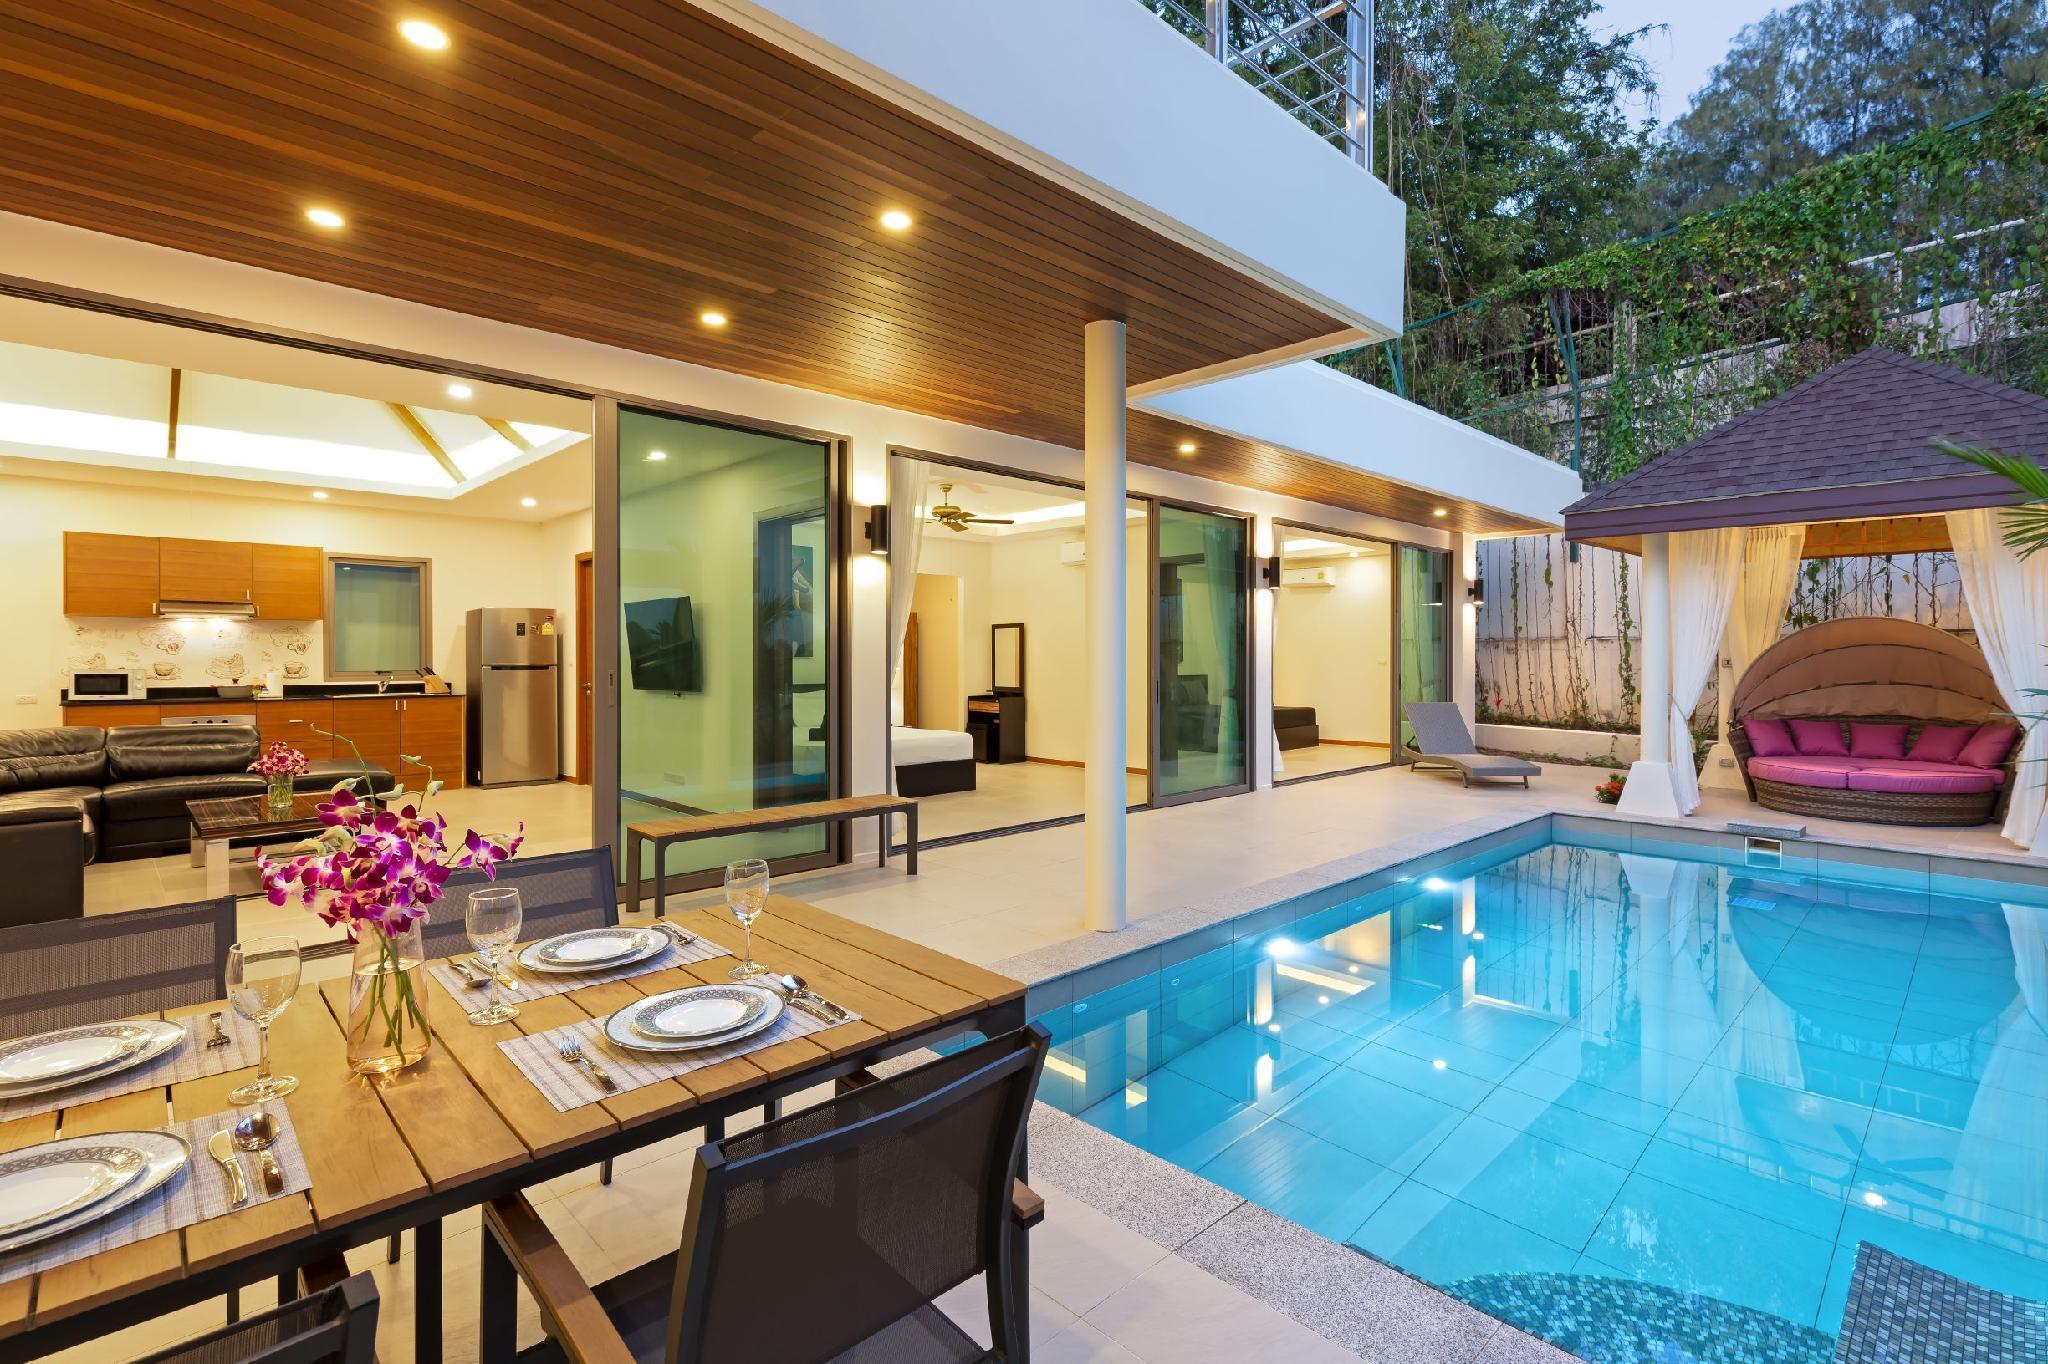 Villa Mika วิลลา 4 ห้องนอน 4 ห้องน้ำส่วนตัว ขนาด 200 ตร.ม. – หาดราไวย์